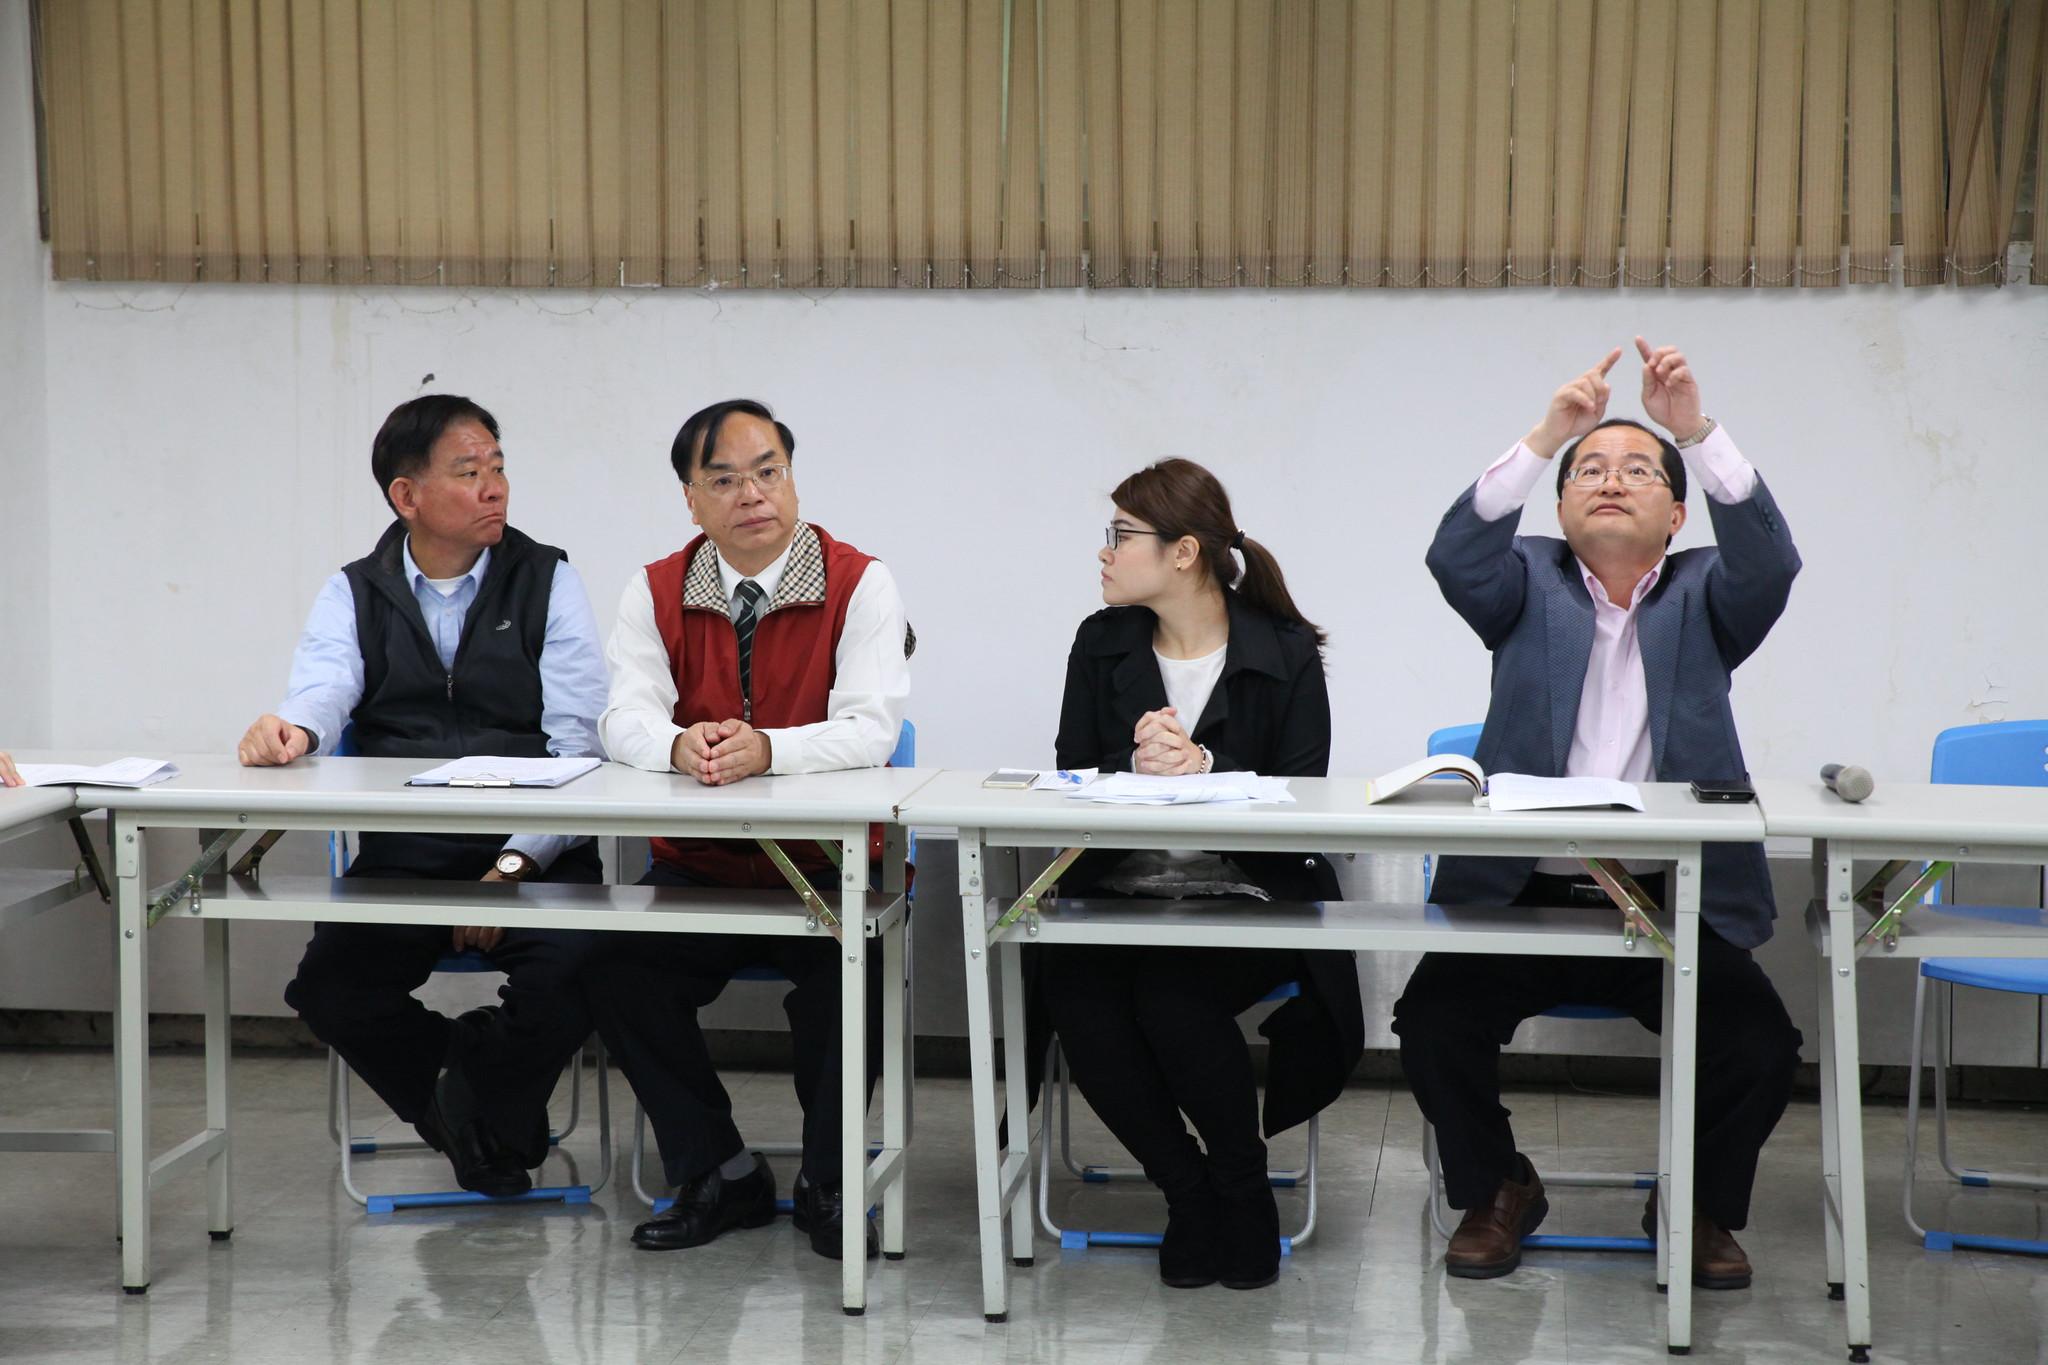 今日出席協商會的管理階層代表。最右者為事業處專門委員陳建成。(攝影:陳逸婷)